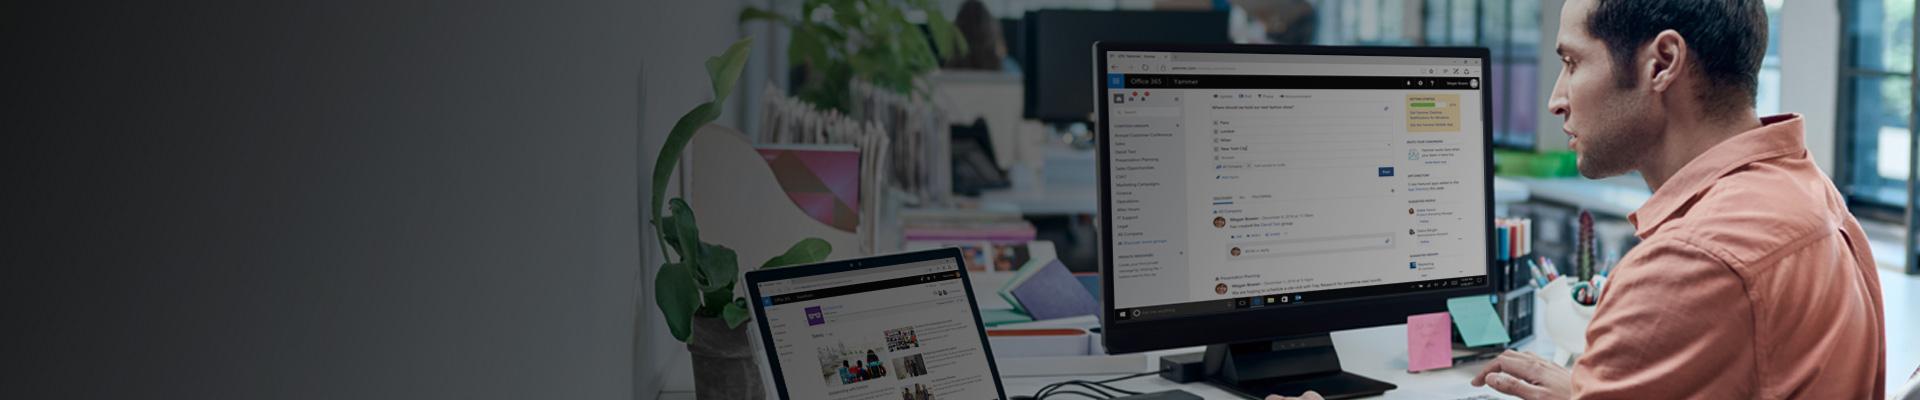 Một người đàn ông đang nhìn vào màn hình máy tính chạy SharePoint, với Yammer được hiển thị trong nền trên một màn hình khác